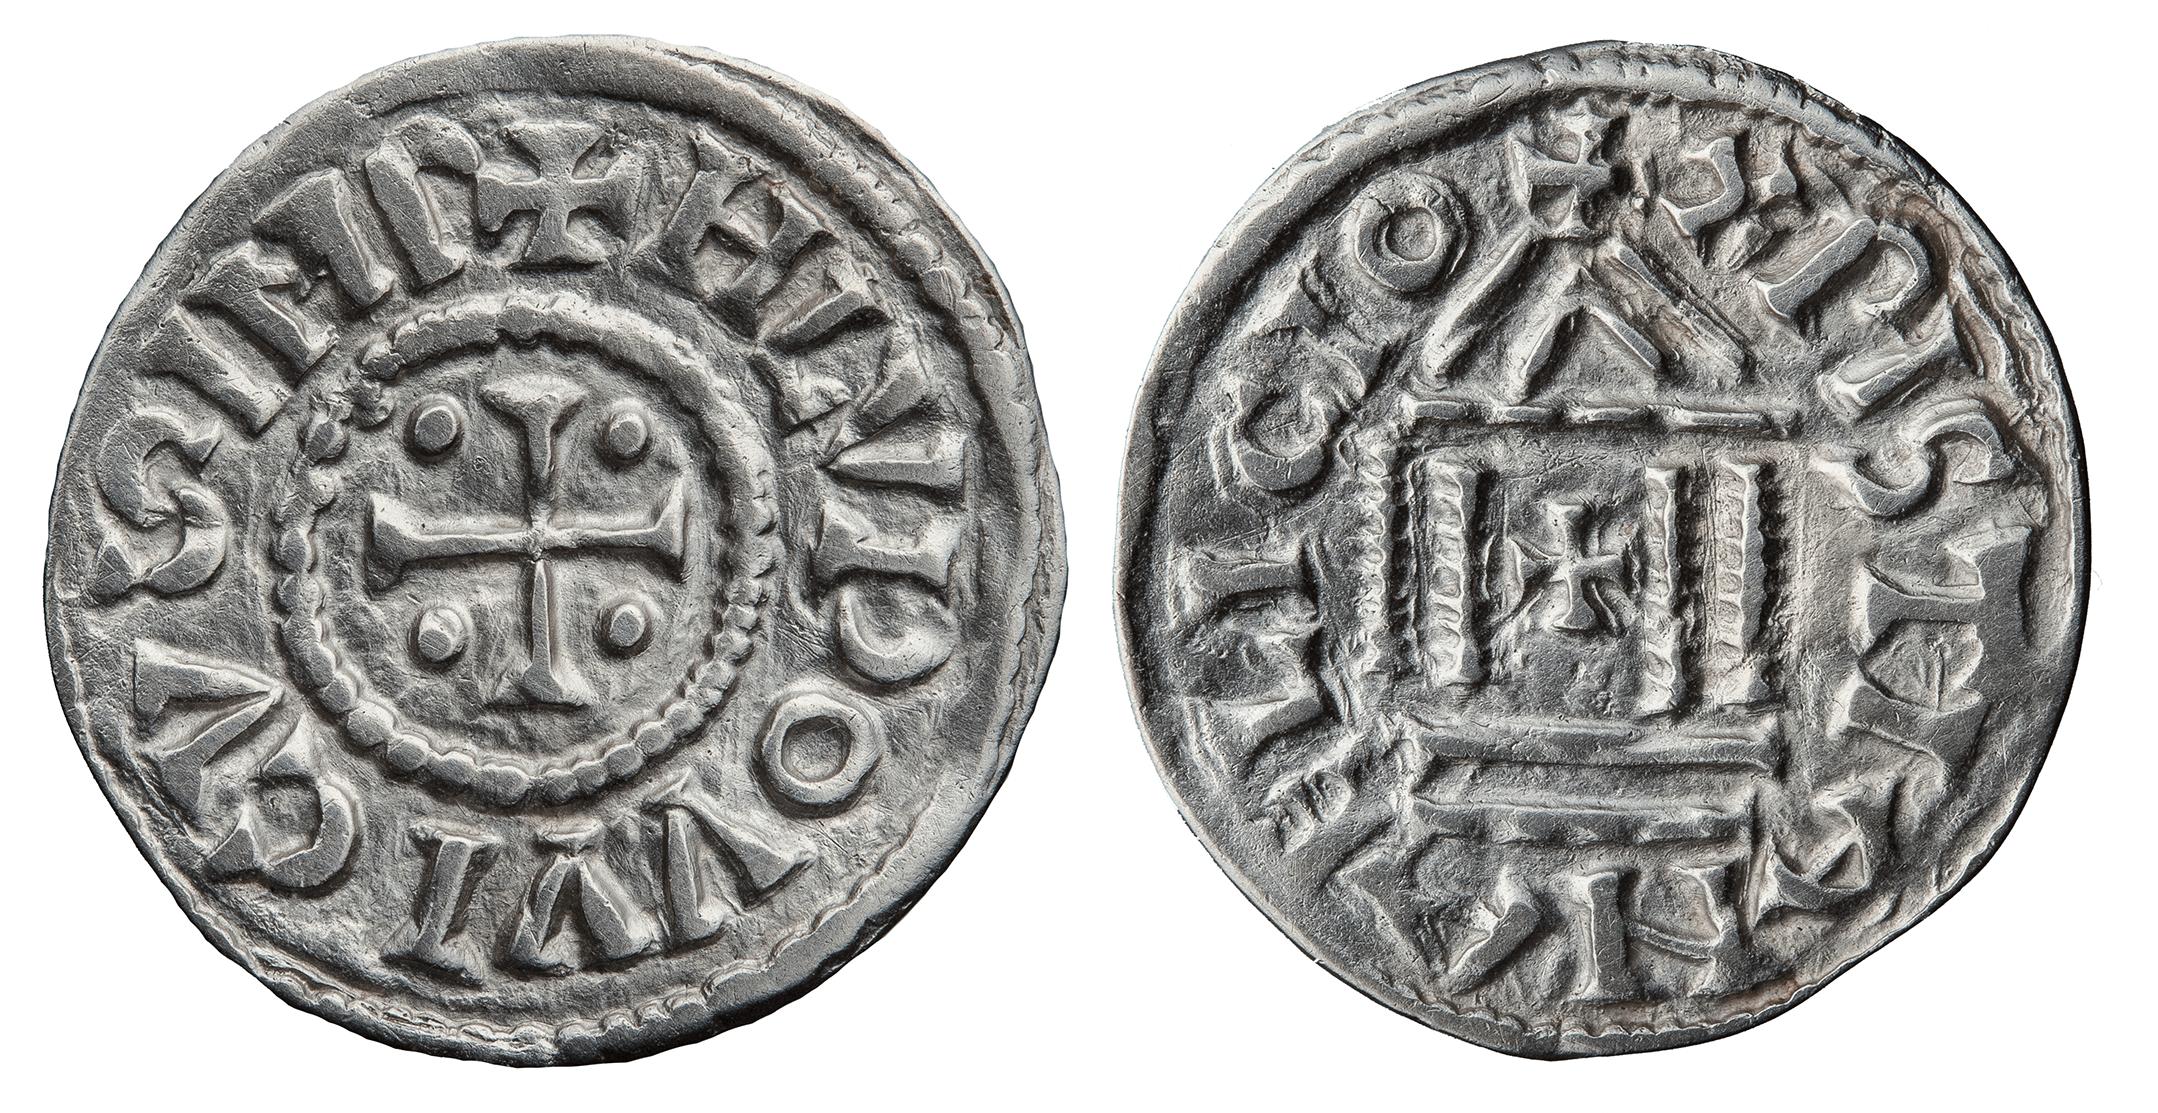 Королевство Франков. Людовик I Благочестивый (814–840). Денарий. Изображение храма на оборотной стороне этих монет могло послужить прототипом для более поздних денариев.